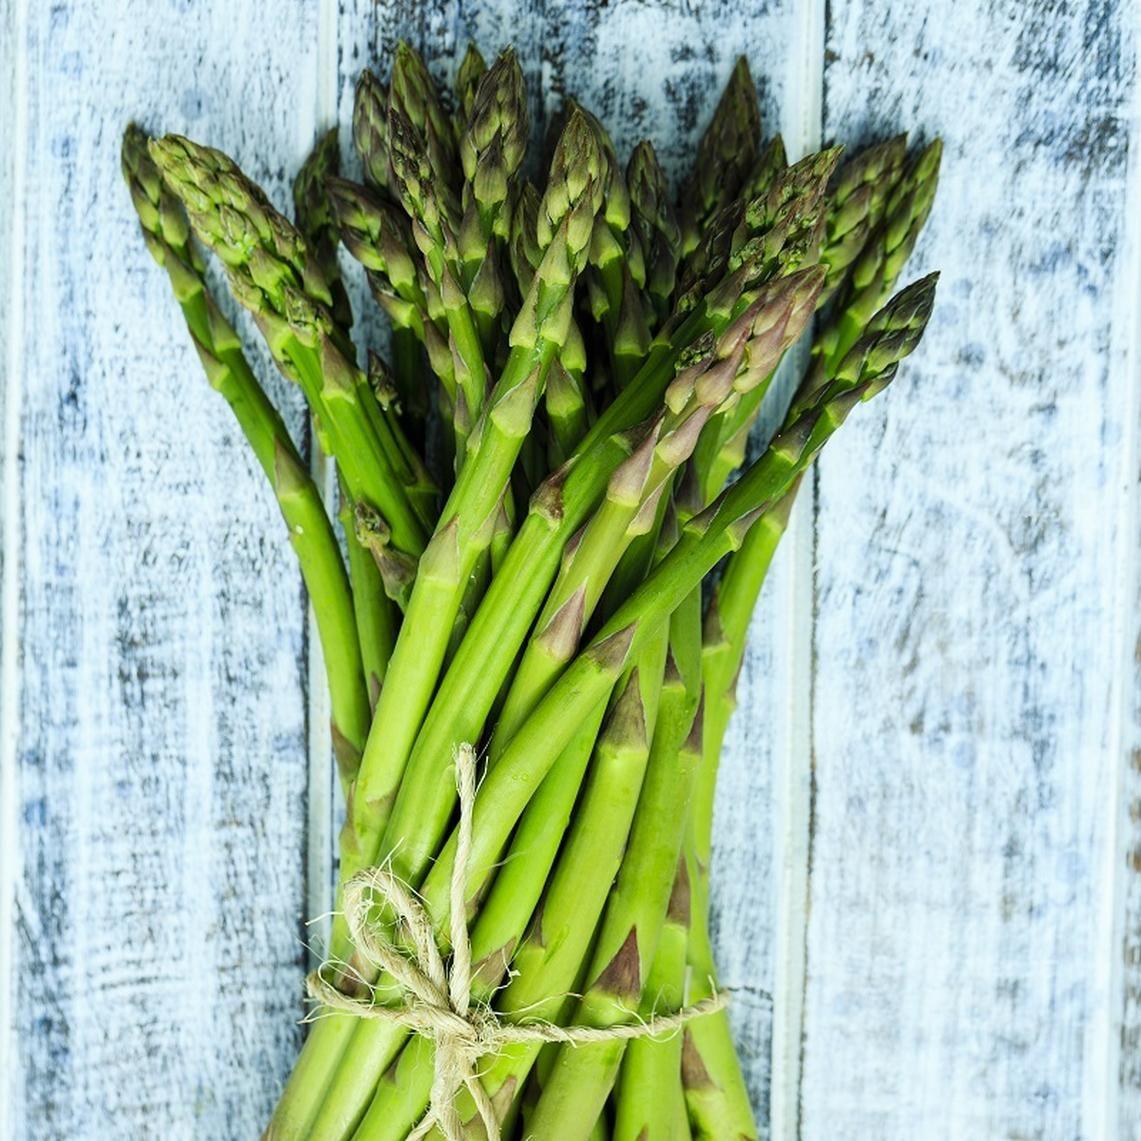 Asparagus Seeds - UC-157 F2 HYBRID | Asparagus seeds ... Planting Asparagus In The Fall